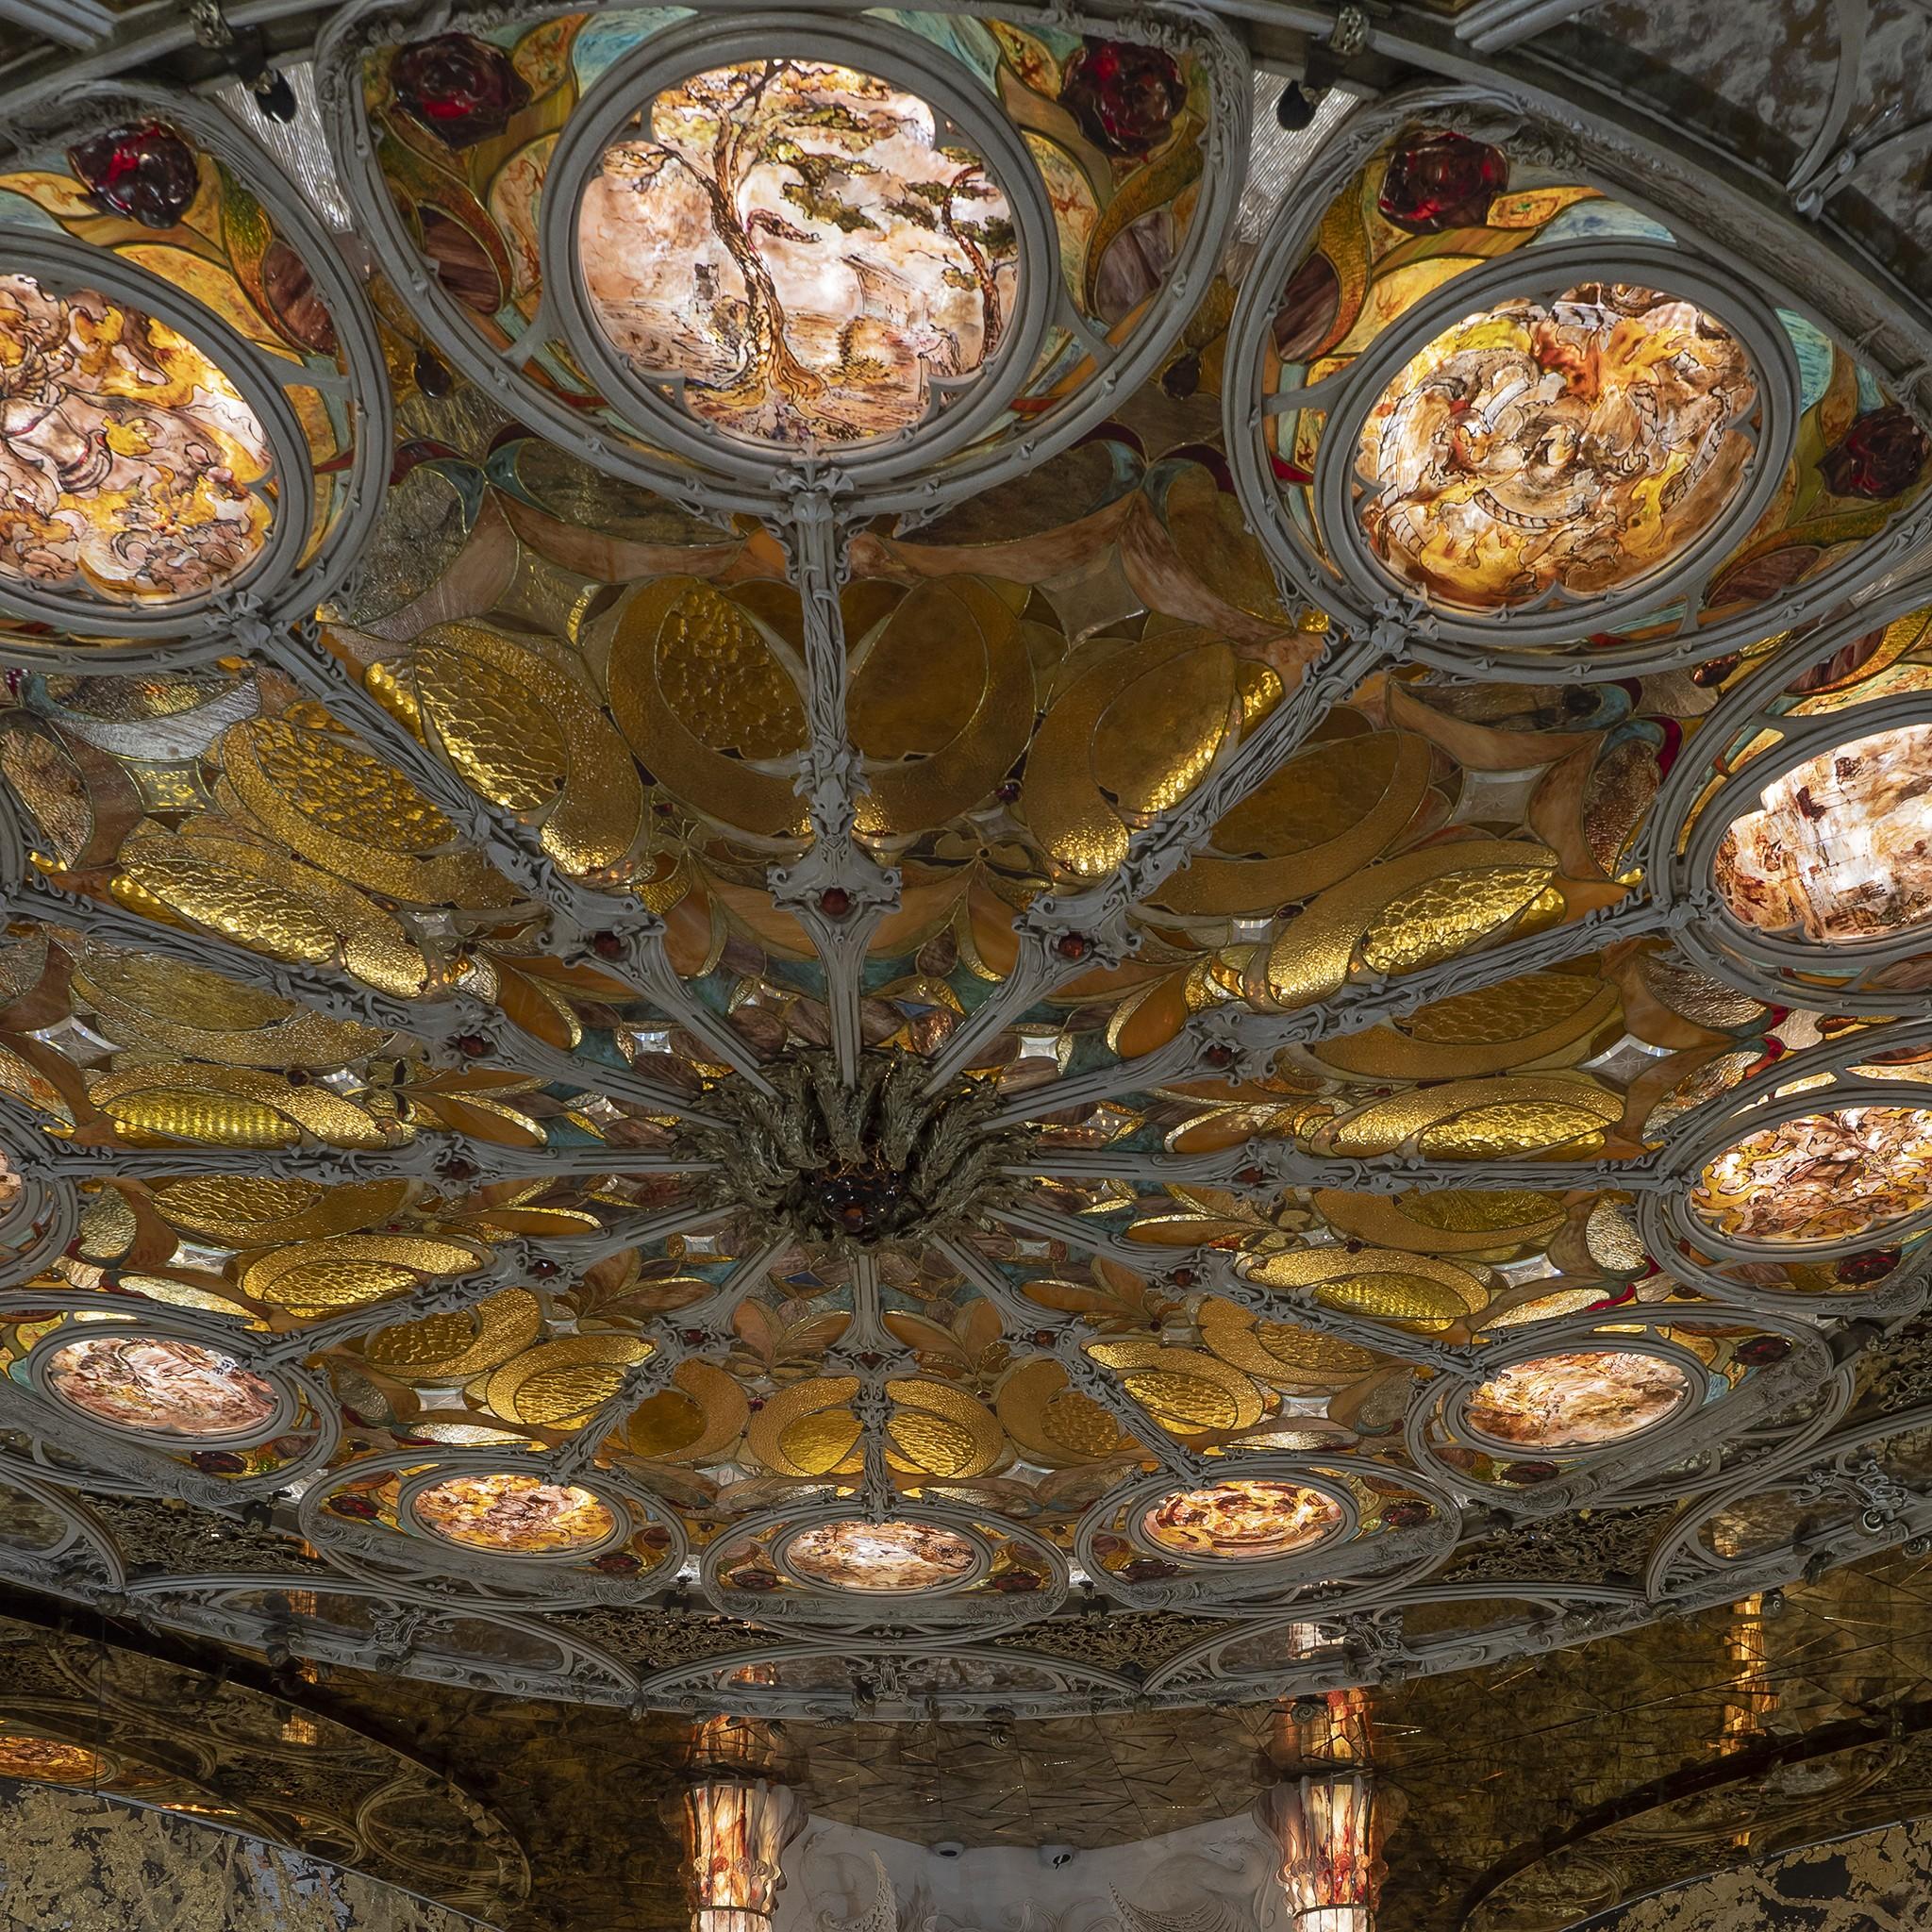 фотосъемка потолка для портфолио архитектора